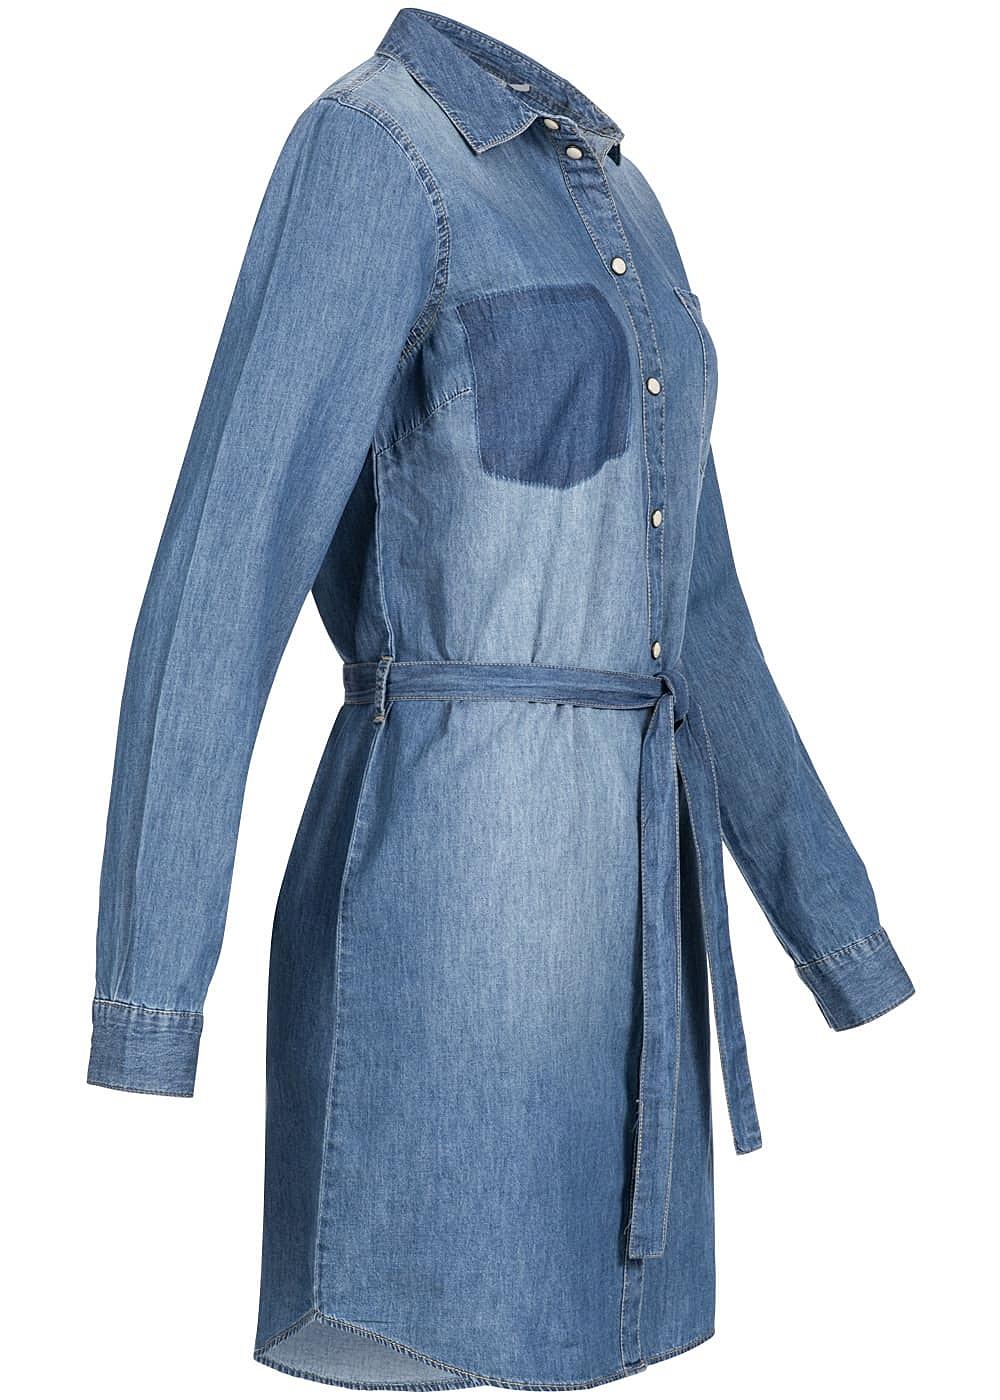 jdy by only damen jeans kleid brusttasche knopfleiste bindeband medium blau denim 77onlineshop. Black Bedroom Furniture Sets. Home Design Ideas